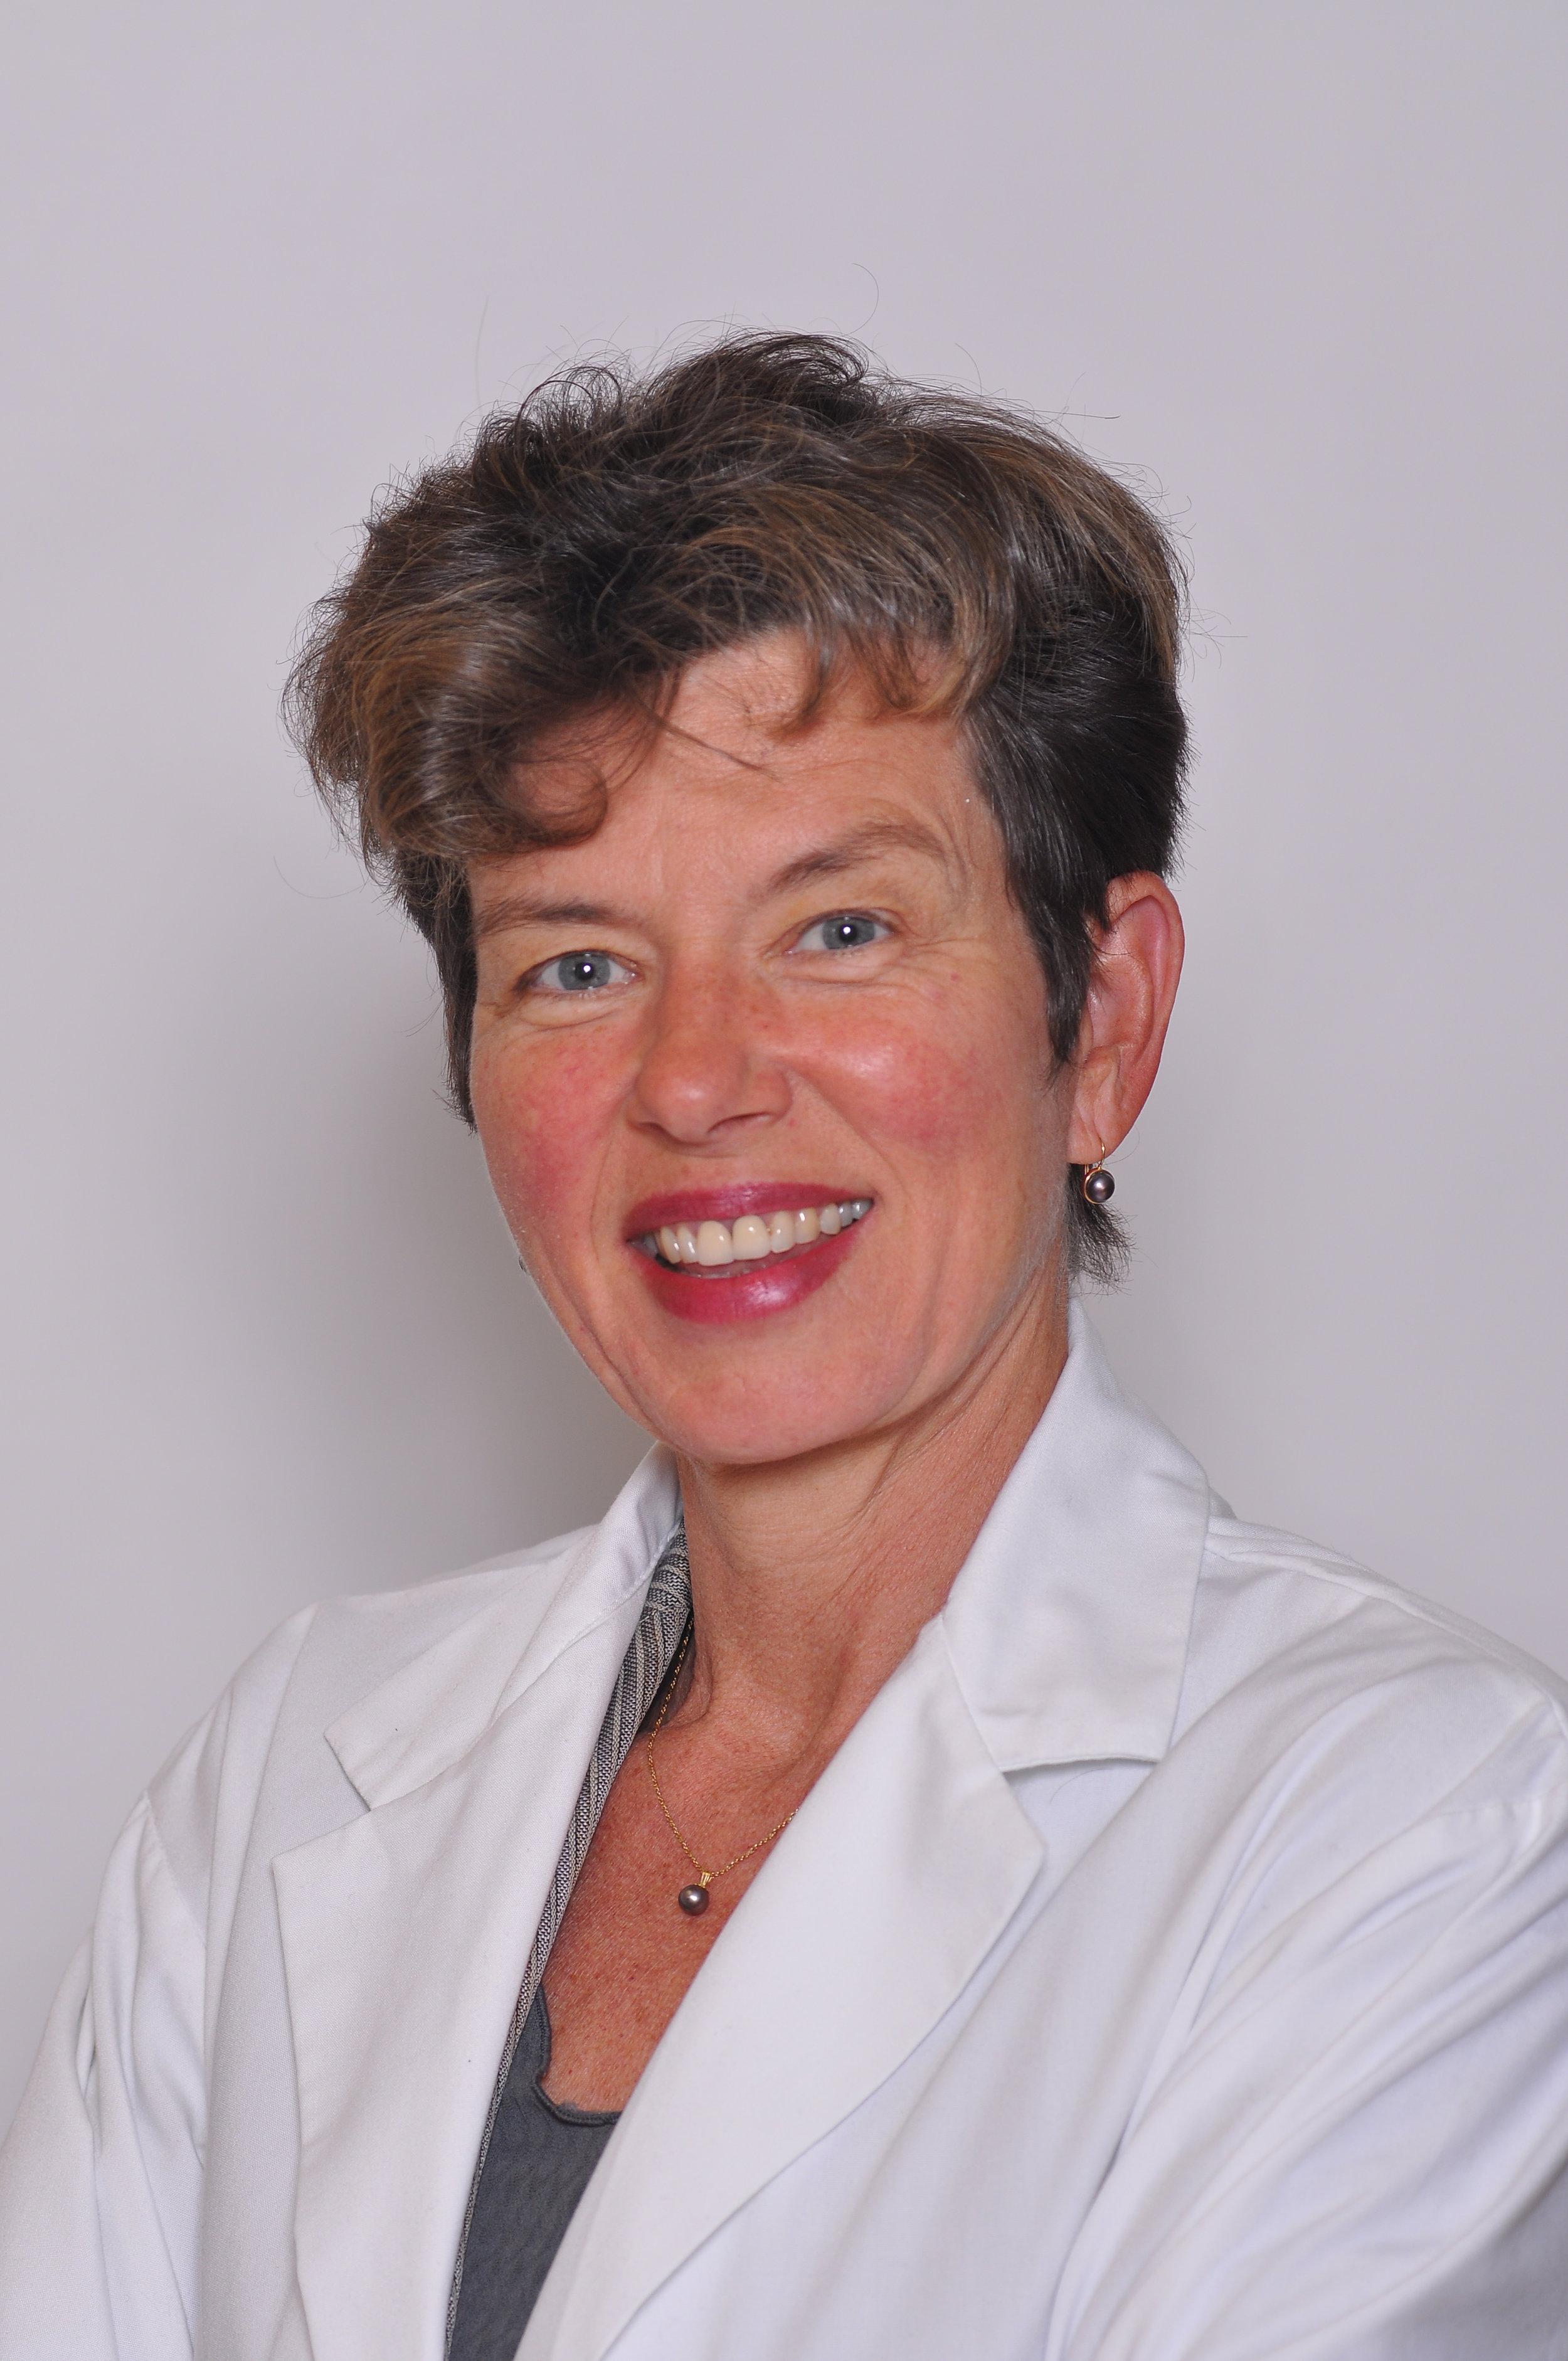 Deborah J. Cook   MSc(McMaster), Critical Care Medicine (Stanford), MD(McMaster) FRCPC DABIM, CAHS, FRS